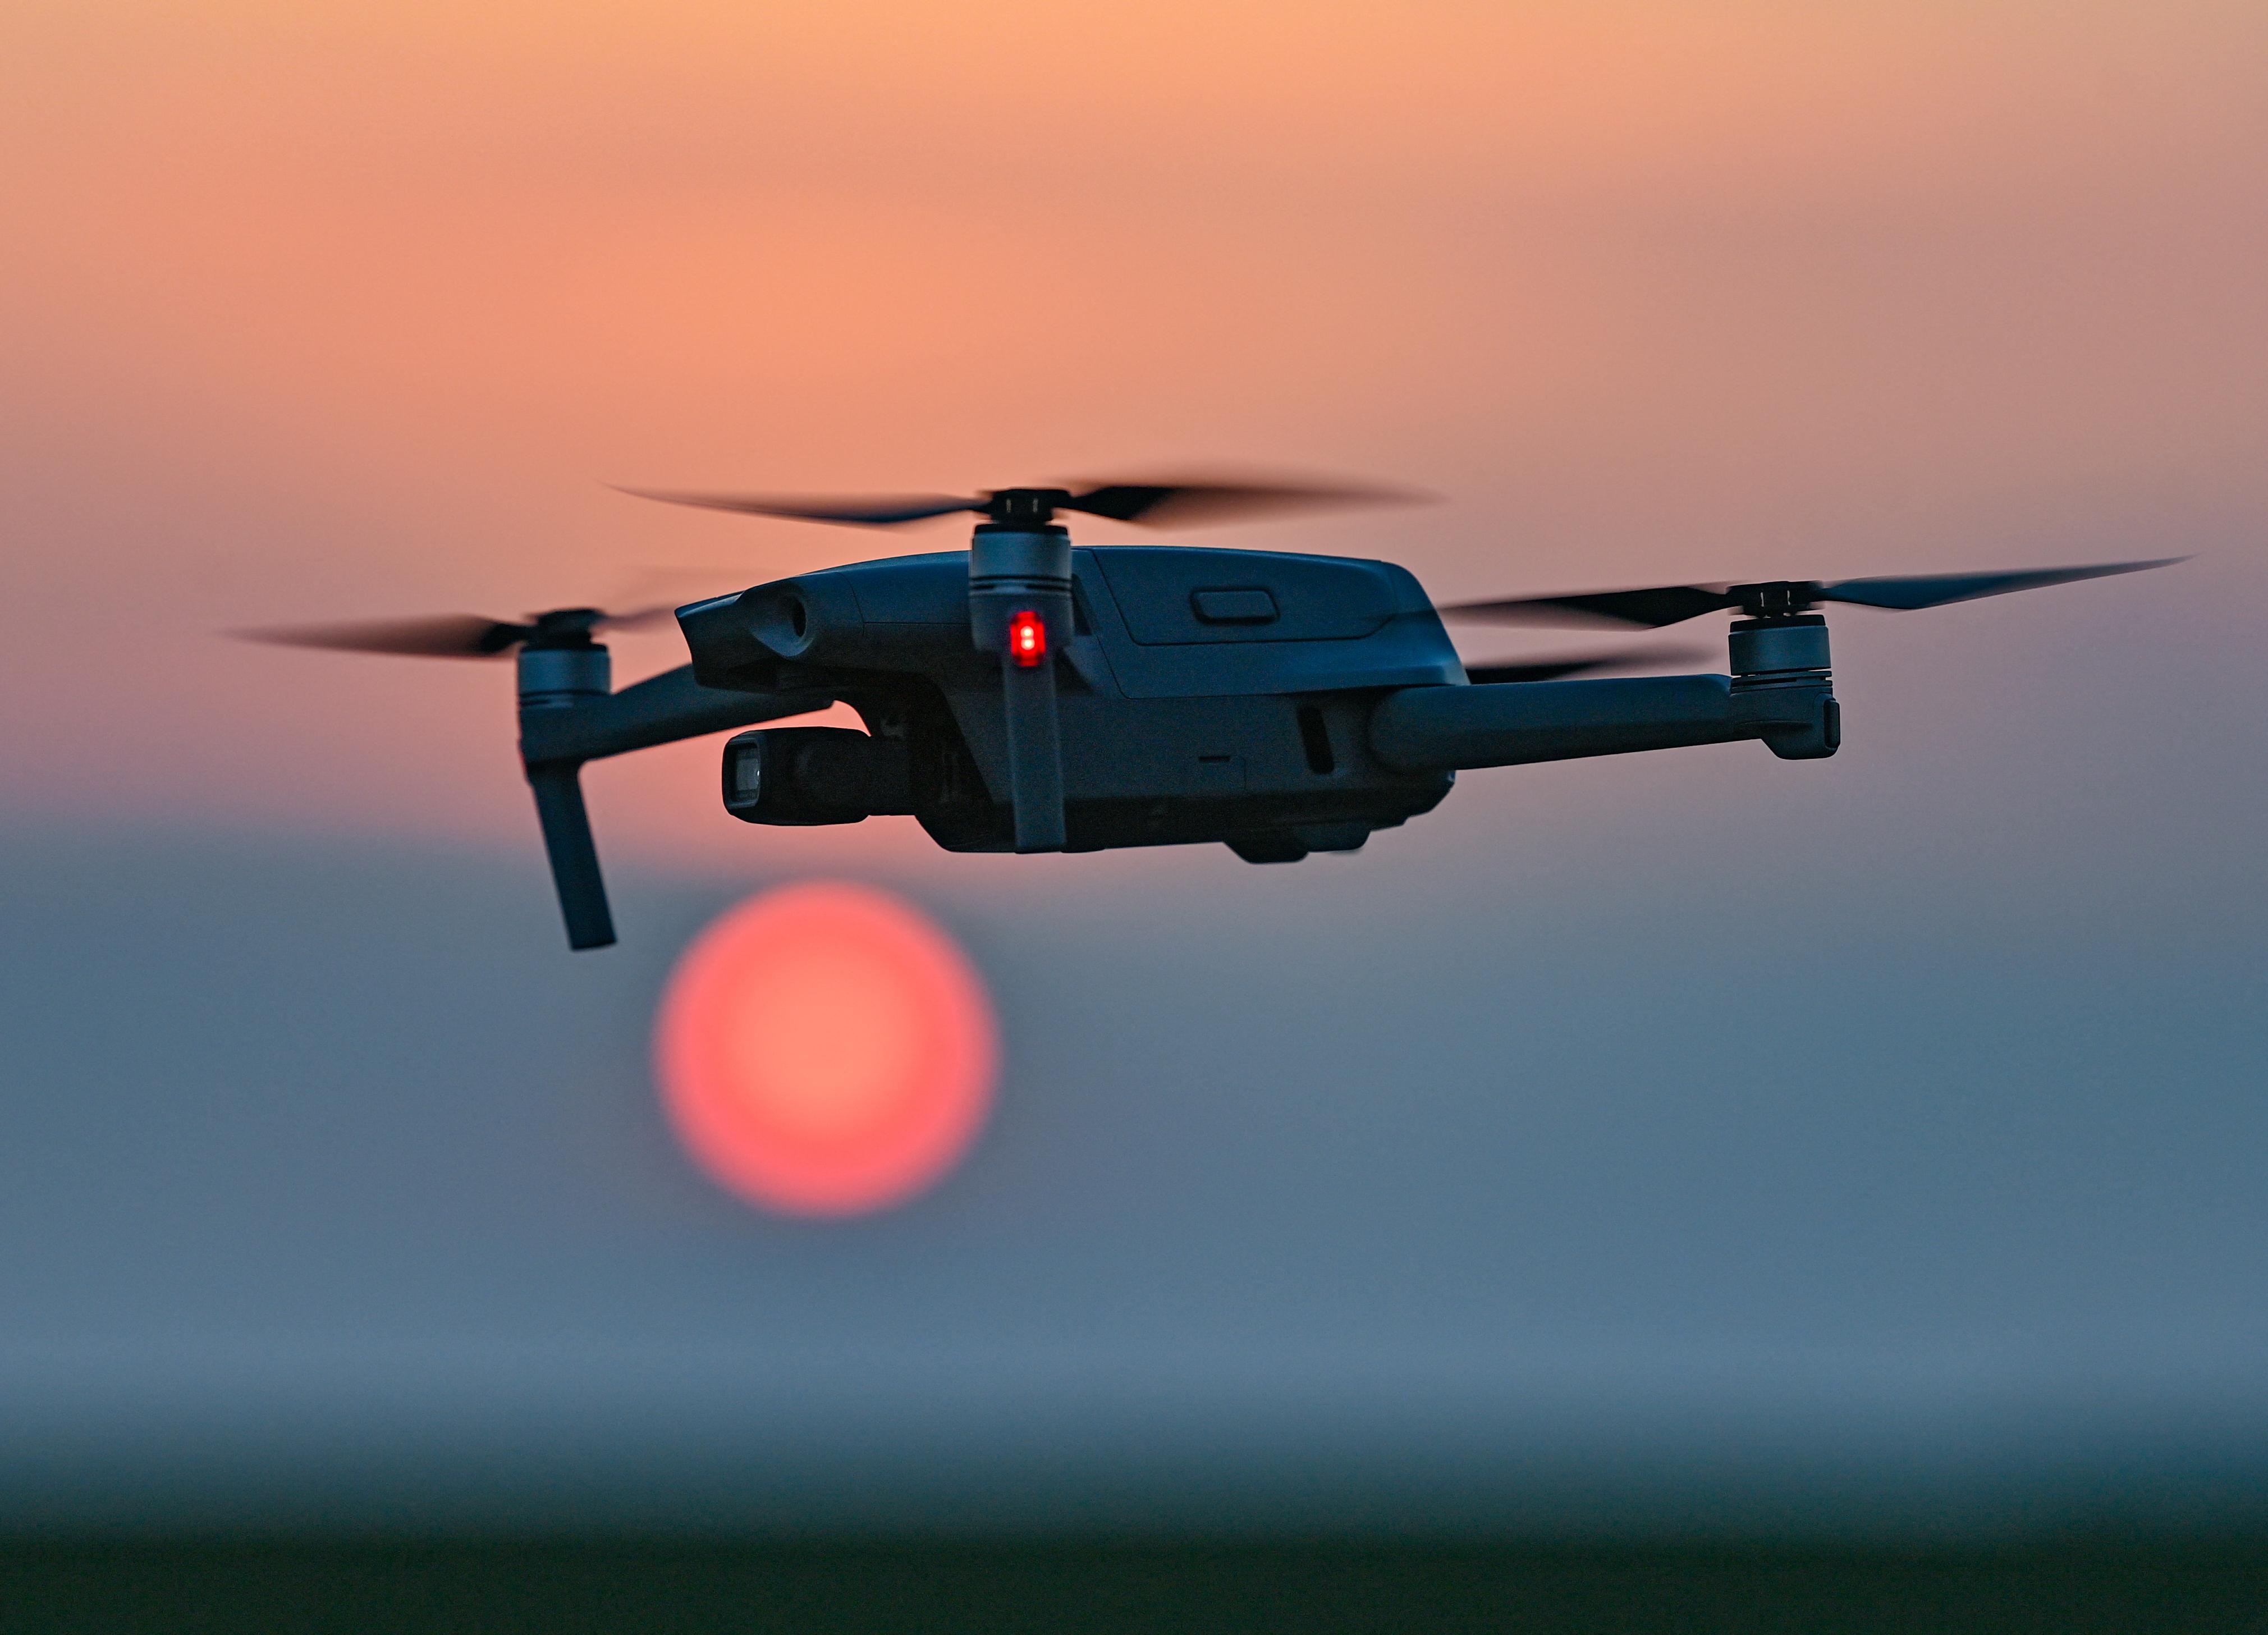 Drónokkal vívják a drogháborút a mexikói kartellek